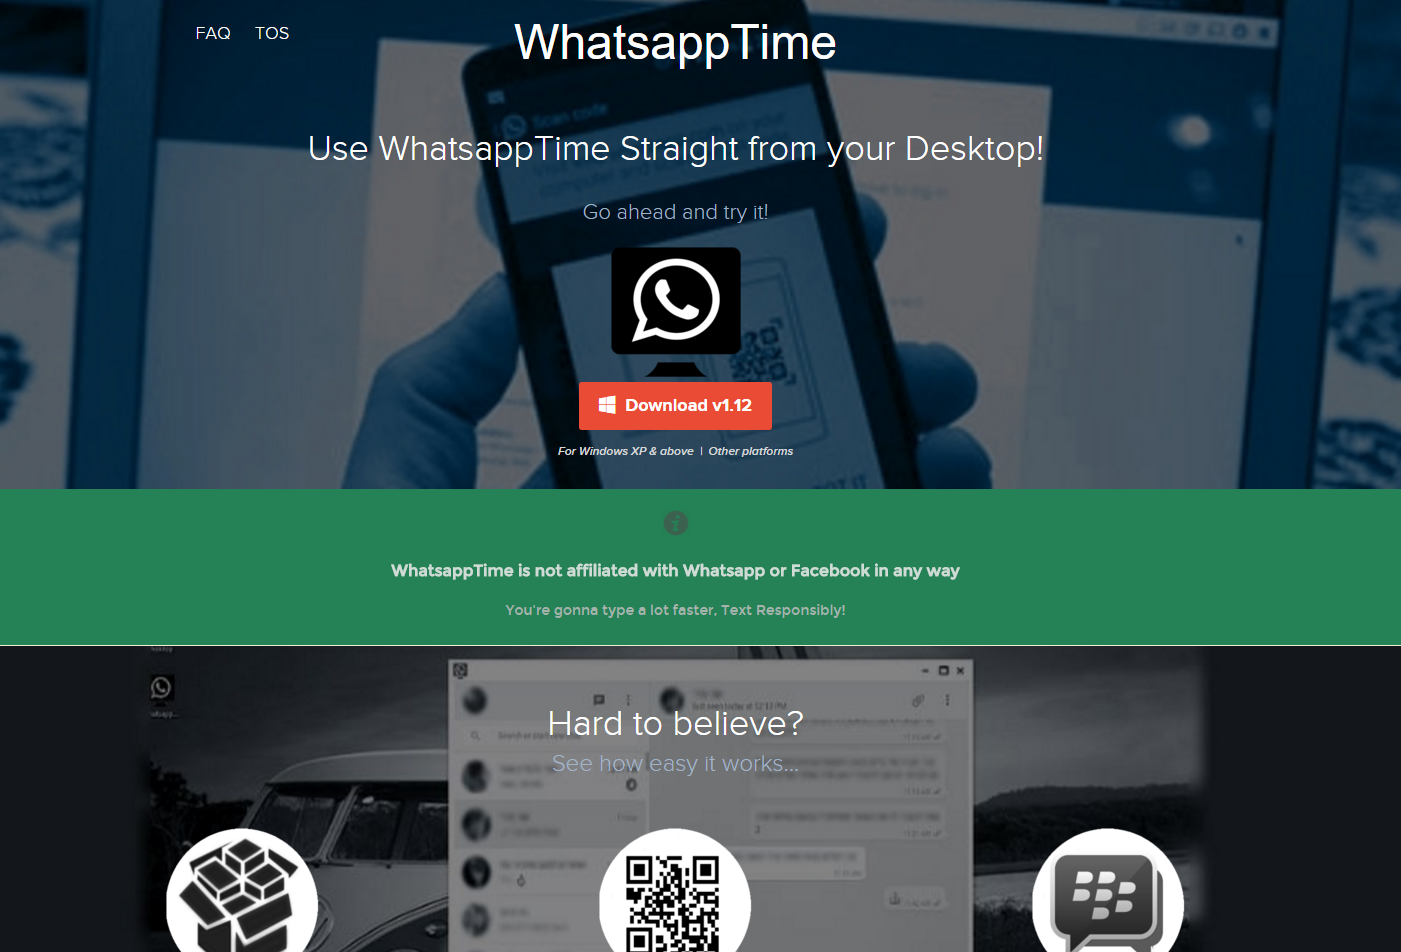 WhatsappTime Ads